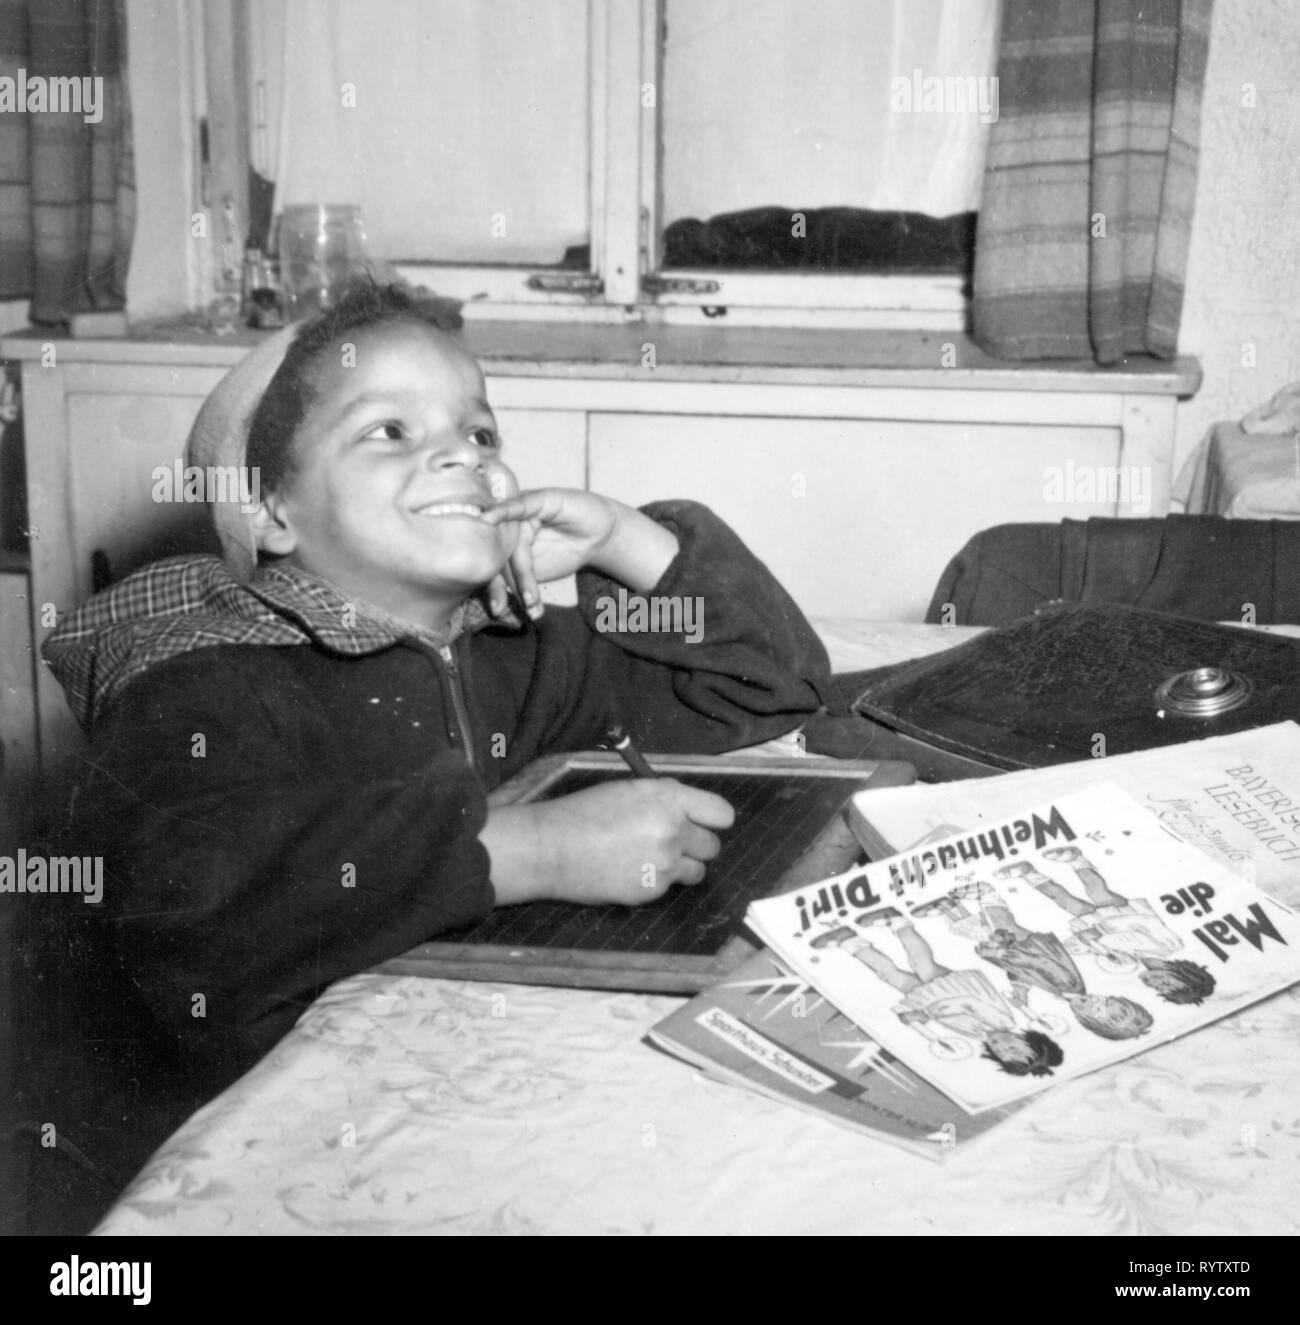 Weihnachten, Kunsthandwerk/Malerei, schwarze Mädchen malen Weihnachten Bilder am Tisch, München, 1950er Jahre, Additional-Rights - Clearance-Info - Not-Available Stockfoto